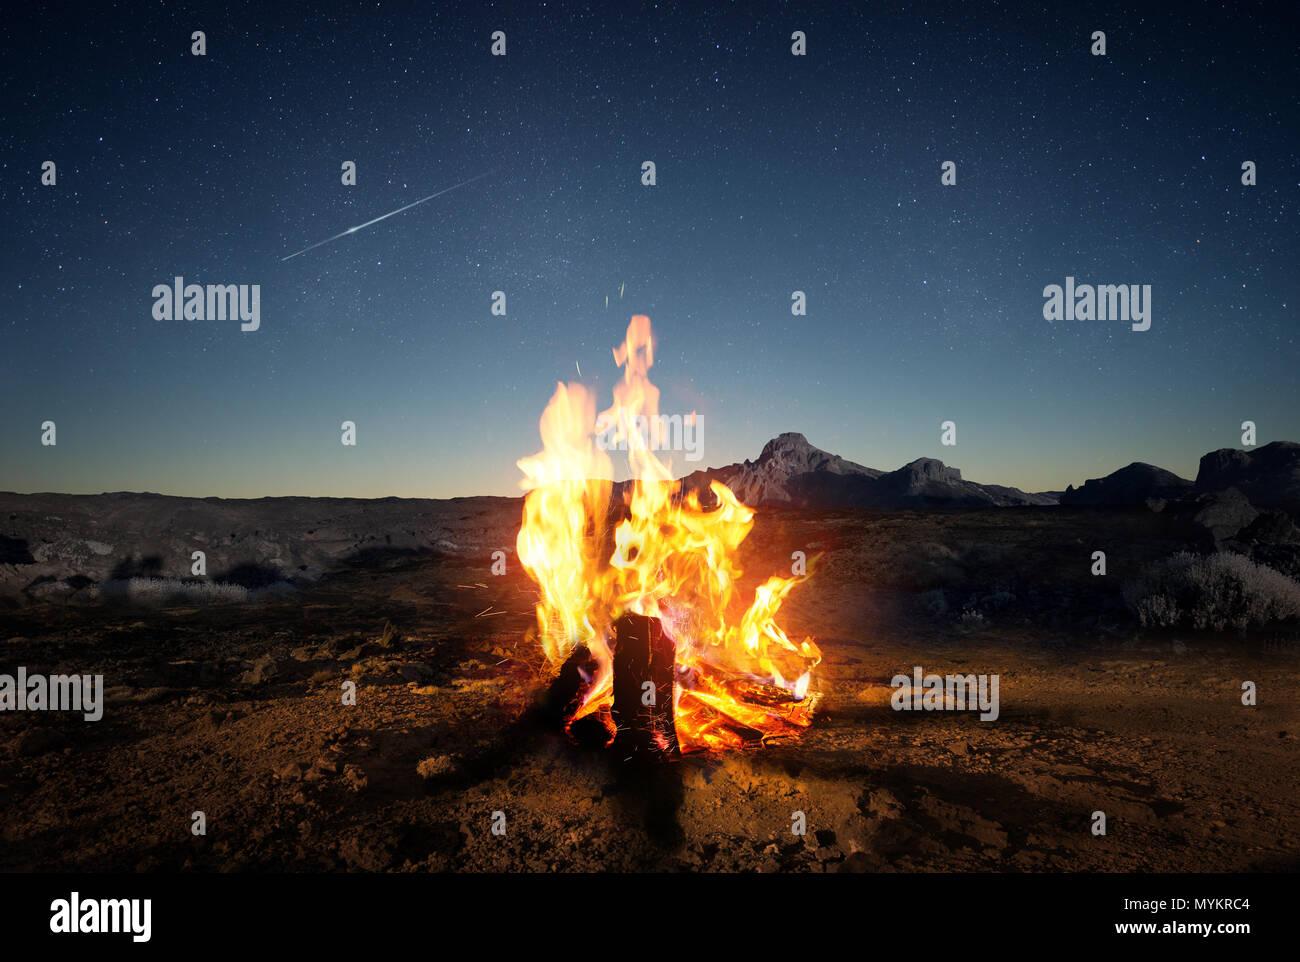 Die Erkundung der Wildnis im Sommer. Ein glühendes Feuer in der Dämmerung für Komfort und Licht zu Natur, gute Zeiten und den Nachthimmel voller Schätzen Stockbild